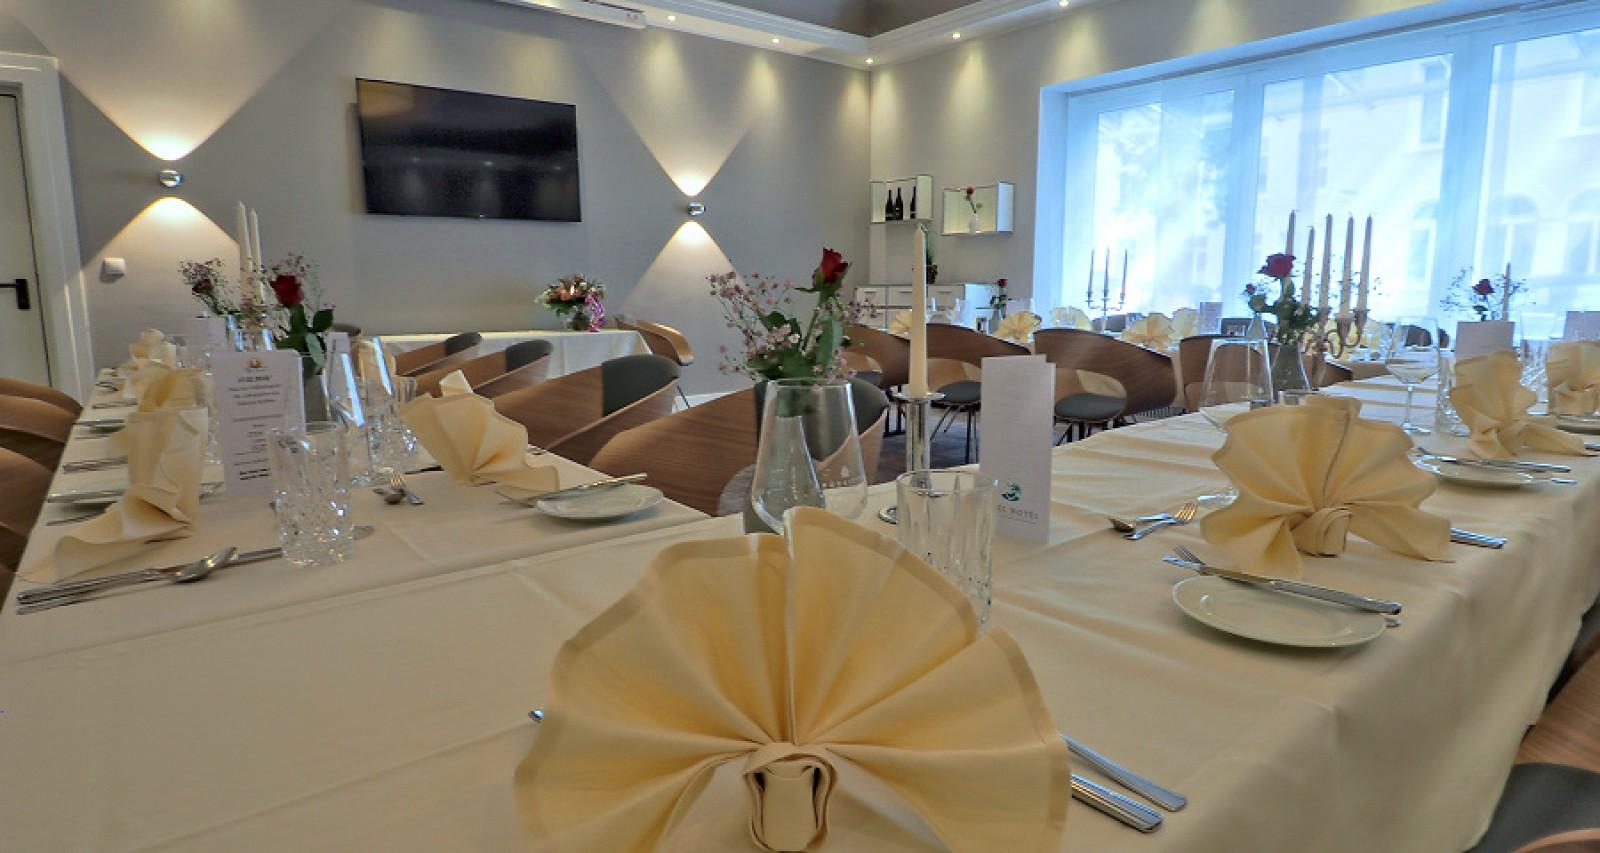 Restaurant Die Insel Ihr Restaurant Caf In Bonn